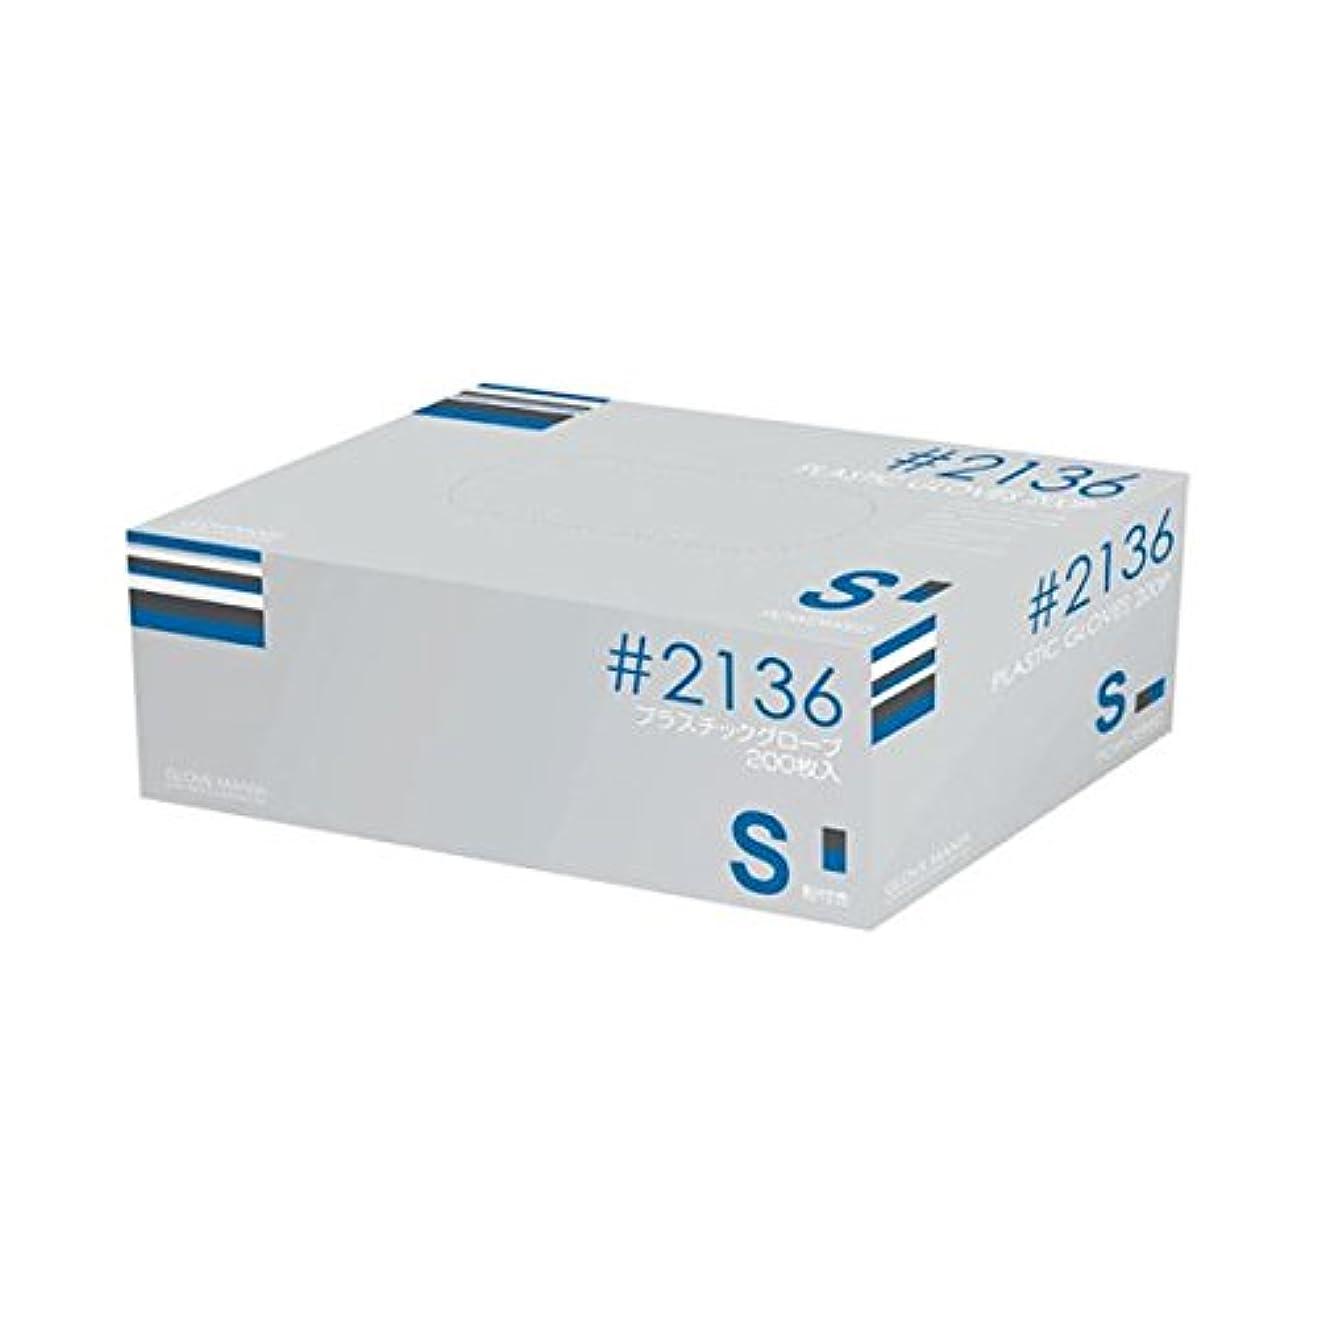 消去米国テレックス川西工業 プラスティックグローブ #2136 S 粉付 15箱 ダイエット 健康 衛生用品 その他の衛生用品 14067381 [並行輸入品]